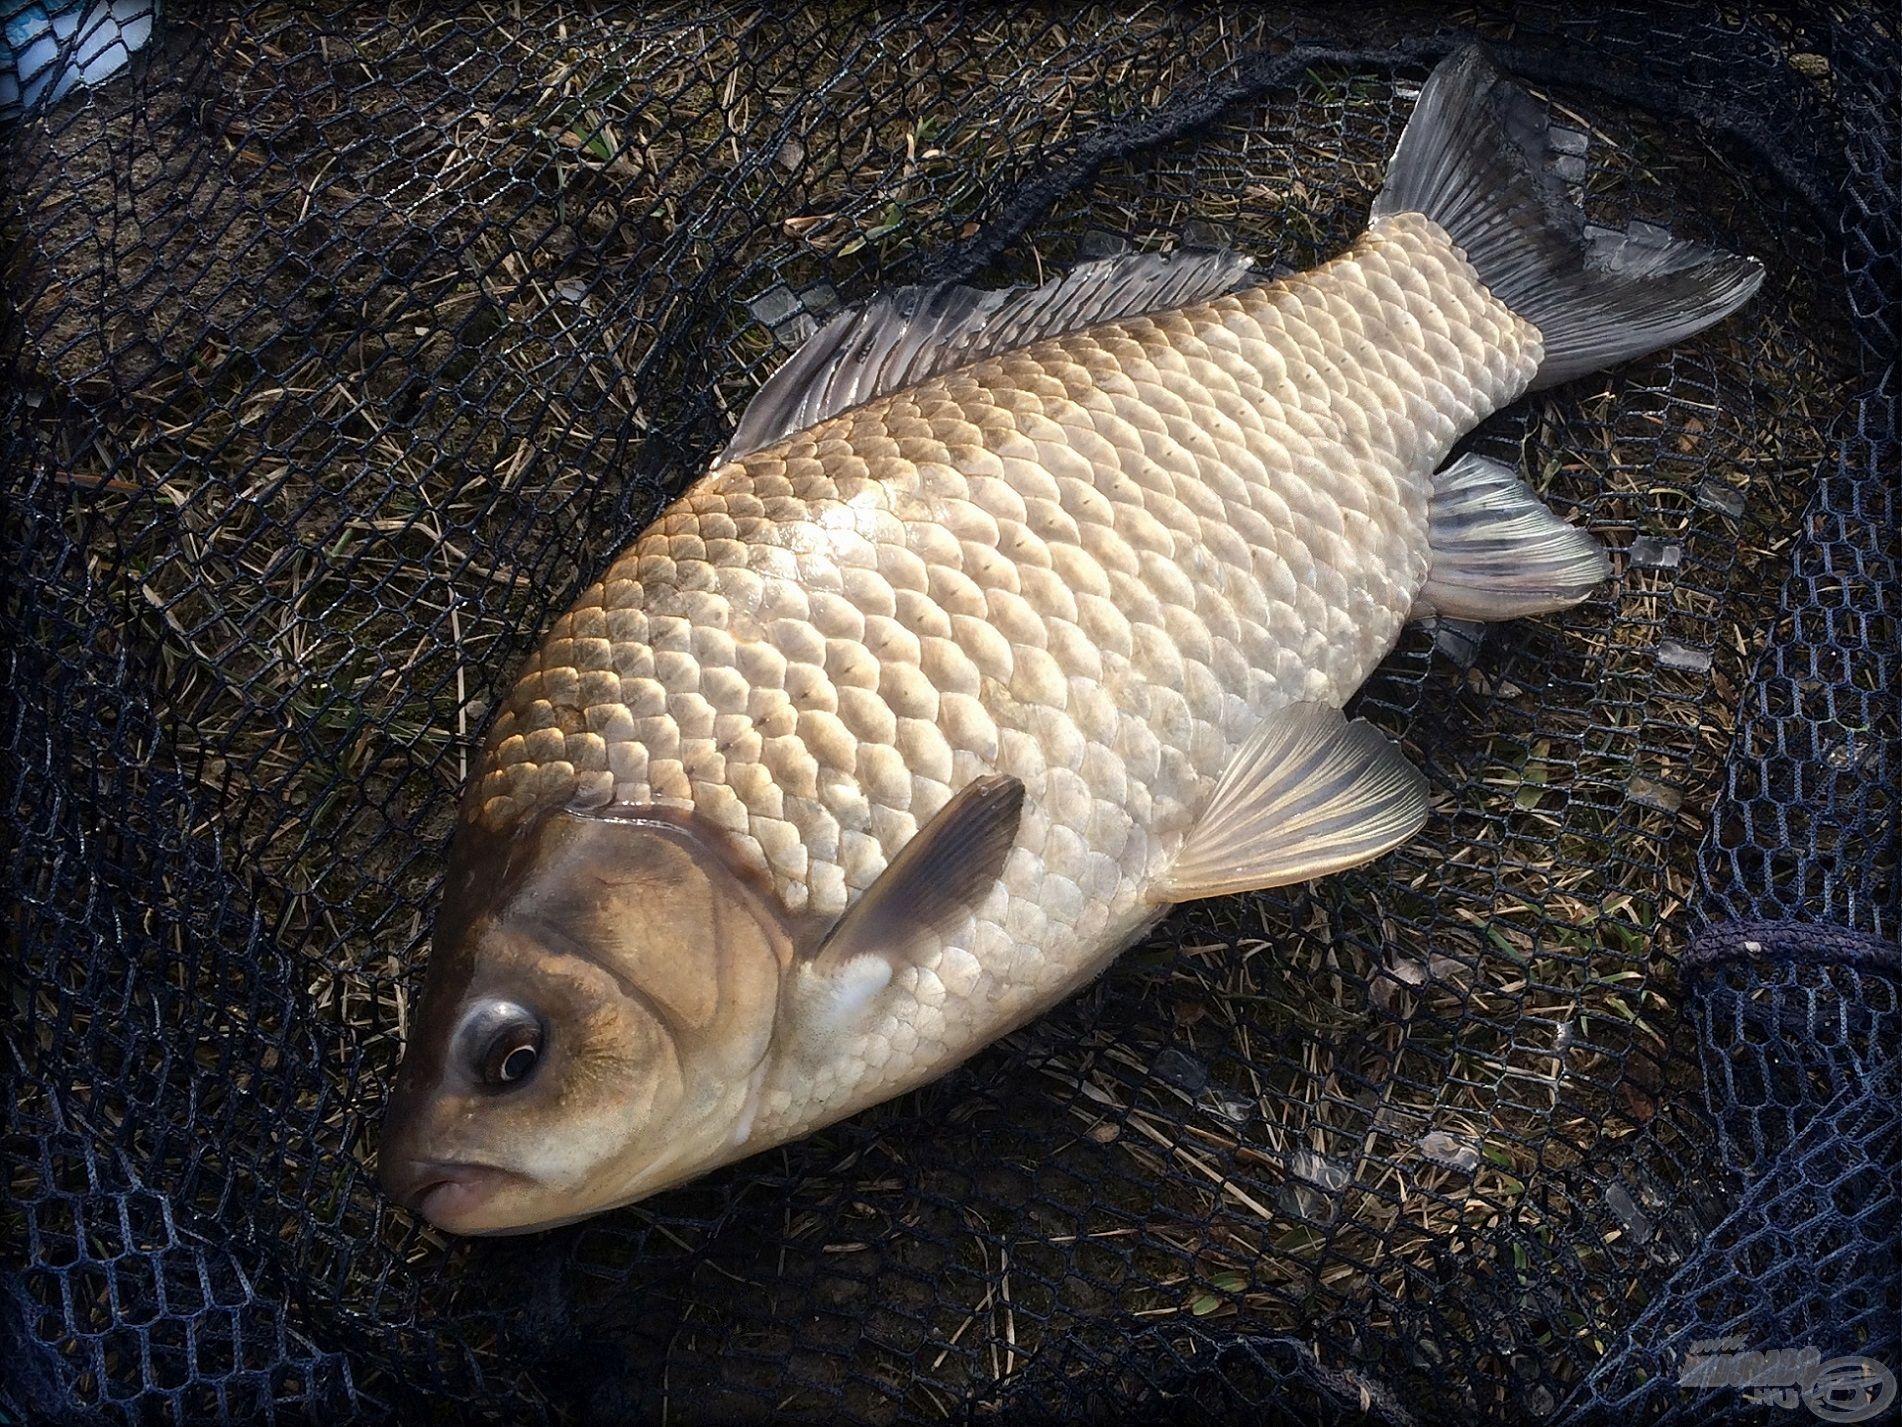 Egy élmény a peca télen, ha ilyen halak jönnek